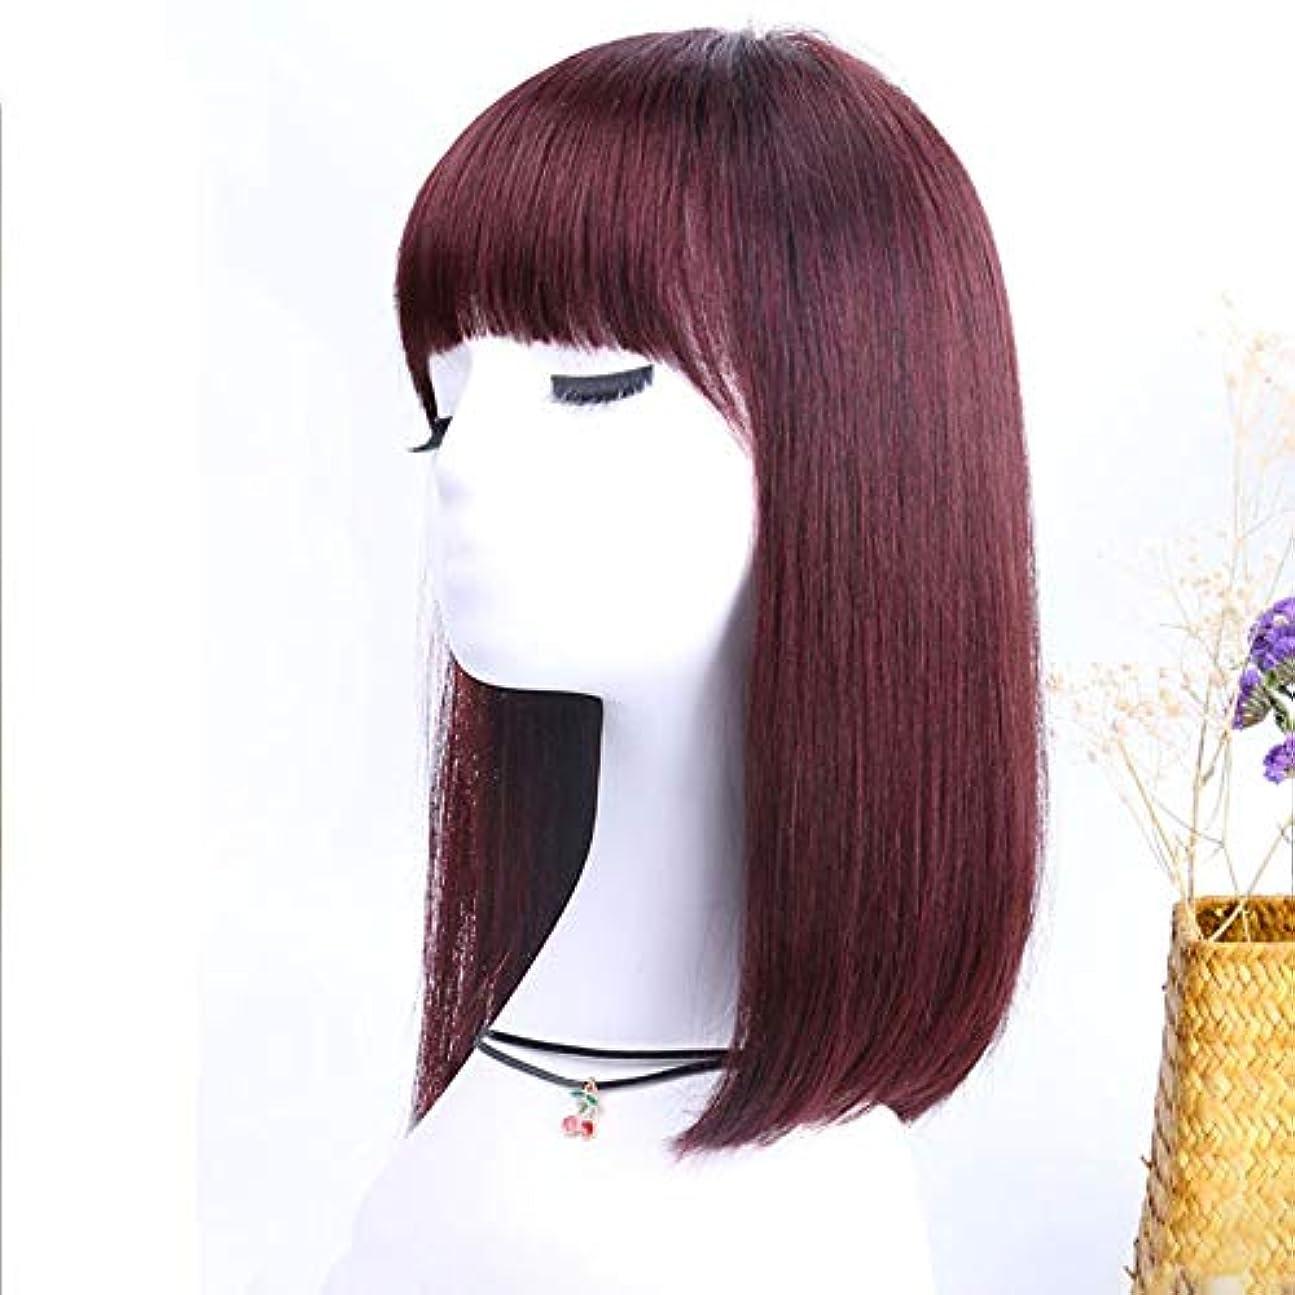 ネットフェロー諸島閃光YOUQIU 女性のパーティードレス毎日ウィッグのために本物の人間の髪の毛ボブウィッグショルダーストレート髪の内側にバックル梨ヘッド (色 : Dark brown)